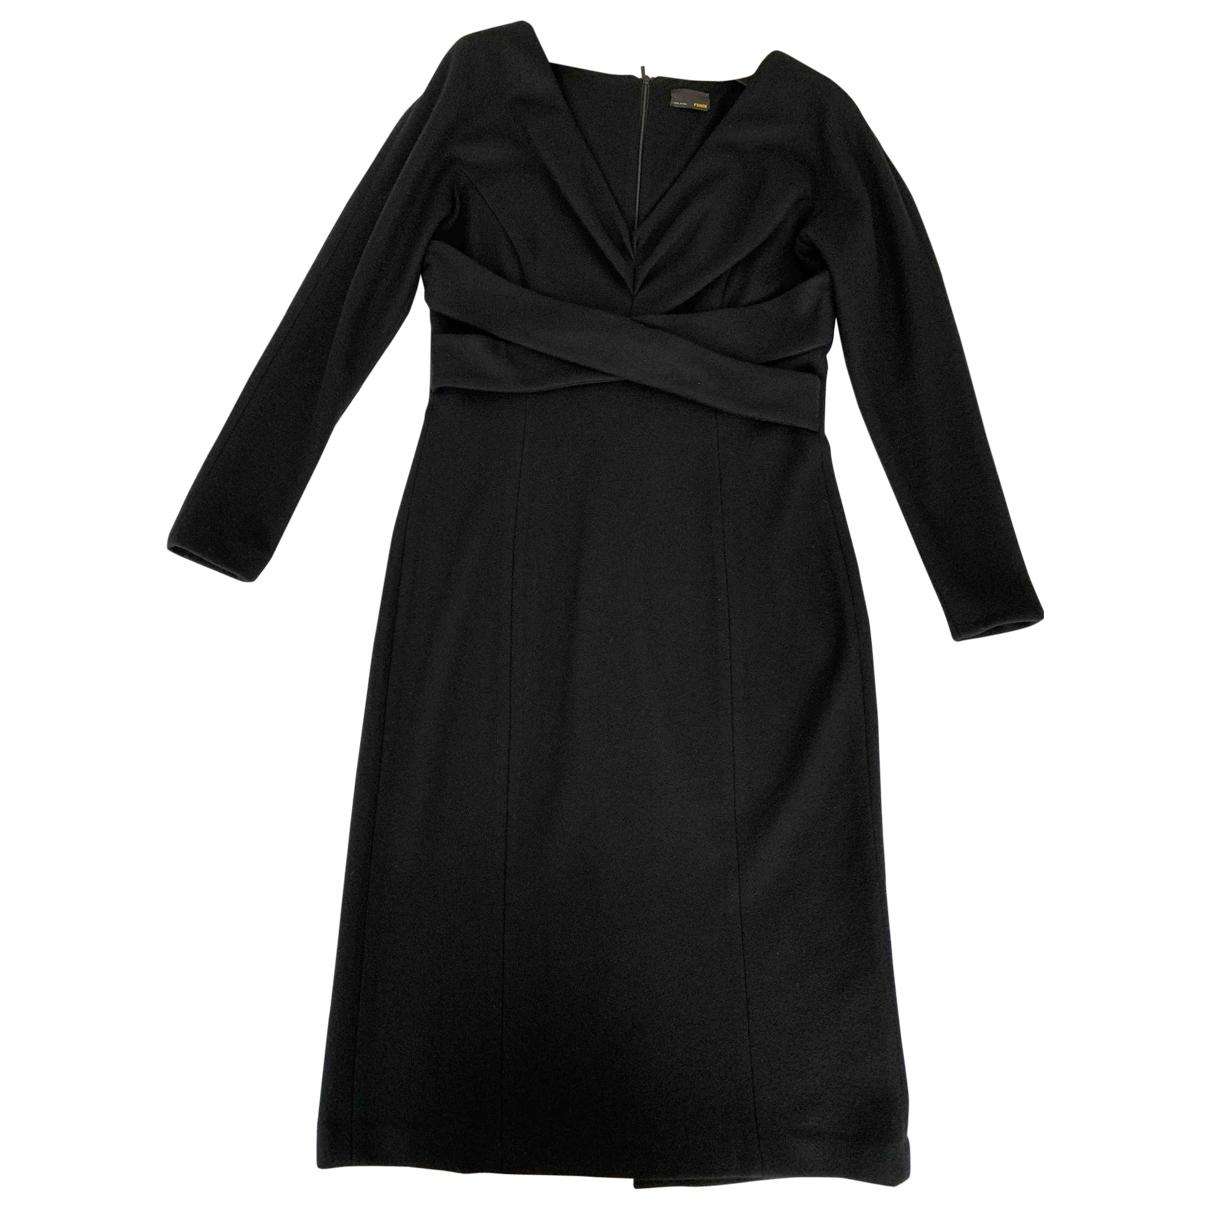 Fendi \N Black Wool dress for Women 46 IT